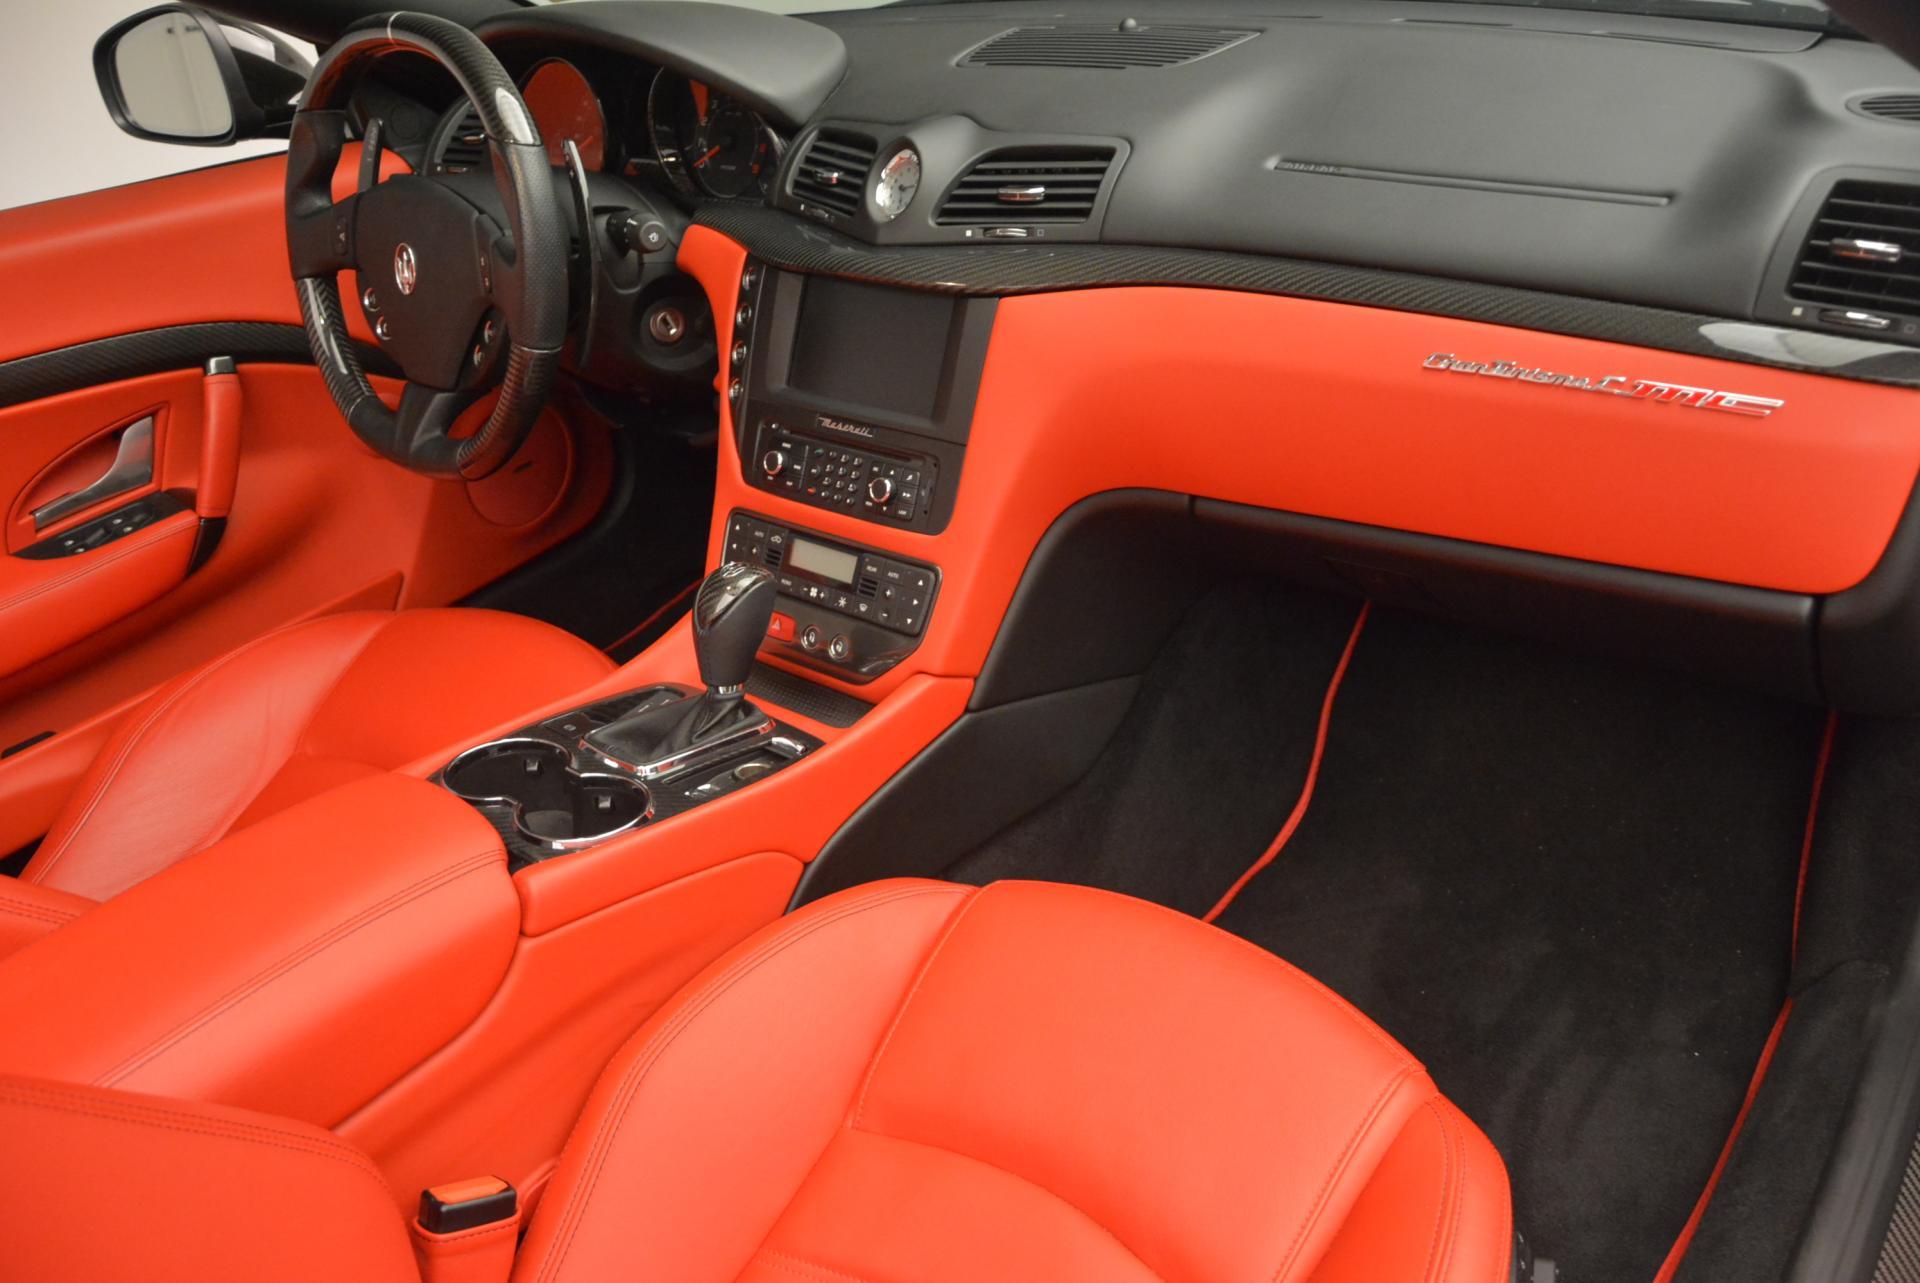 Used 2013 Maserati GranTurismo MC For Sale In Greenwich, CT. Alfa Romeo of Greenwich, 7081 521_p27